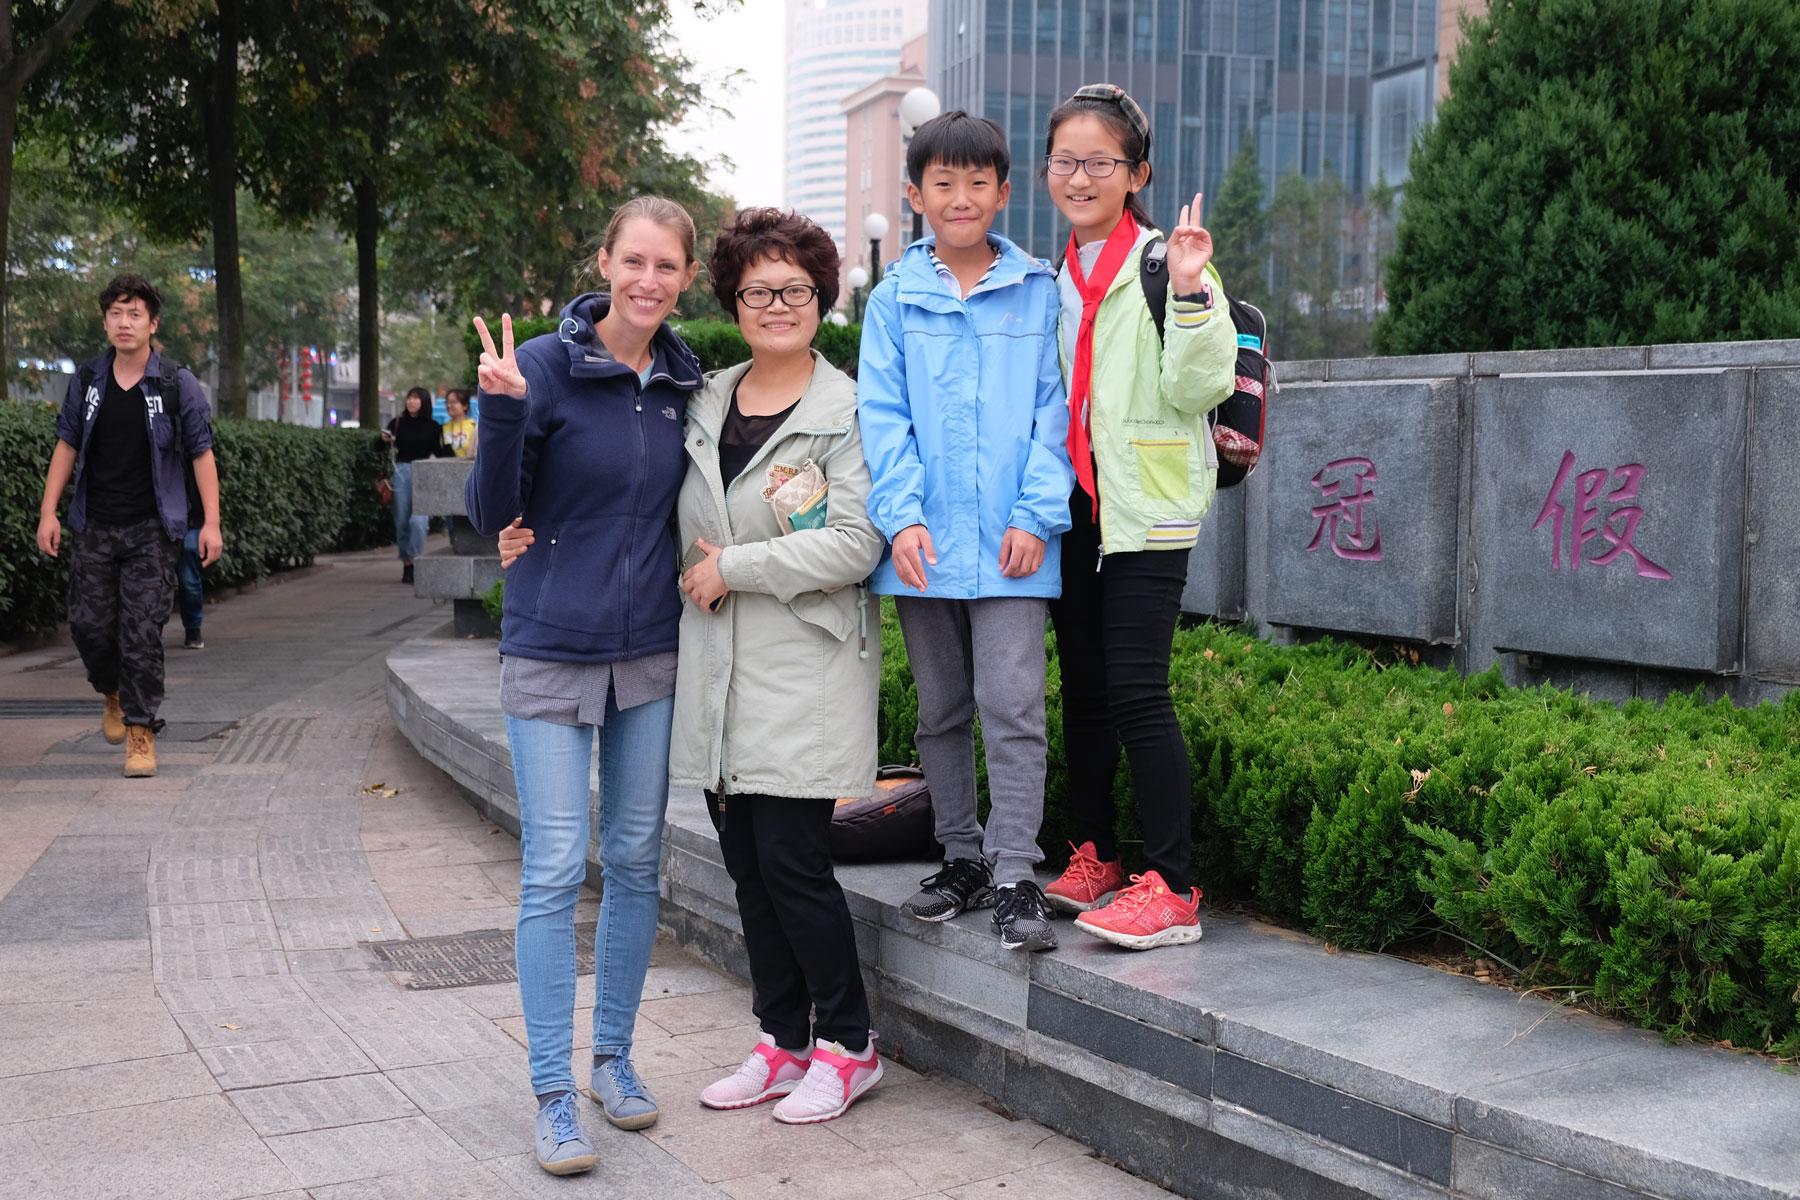 Leo mit einer chinesischen Frau und zwei Kindern in Qingdao.